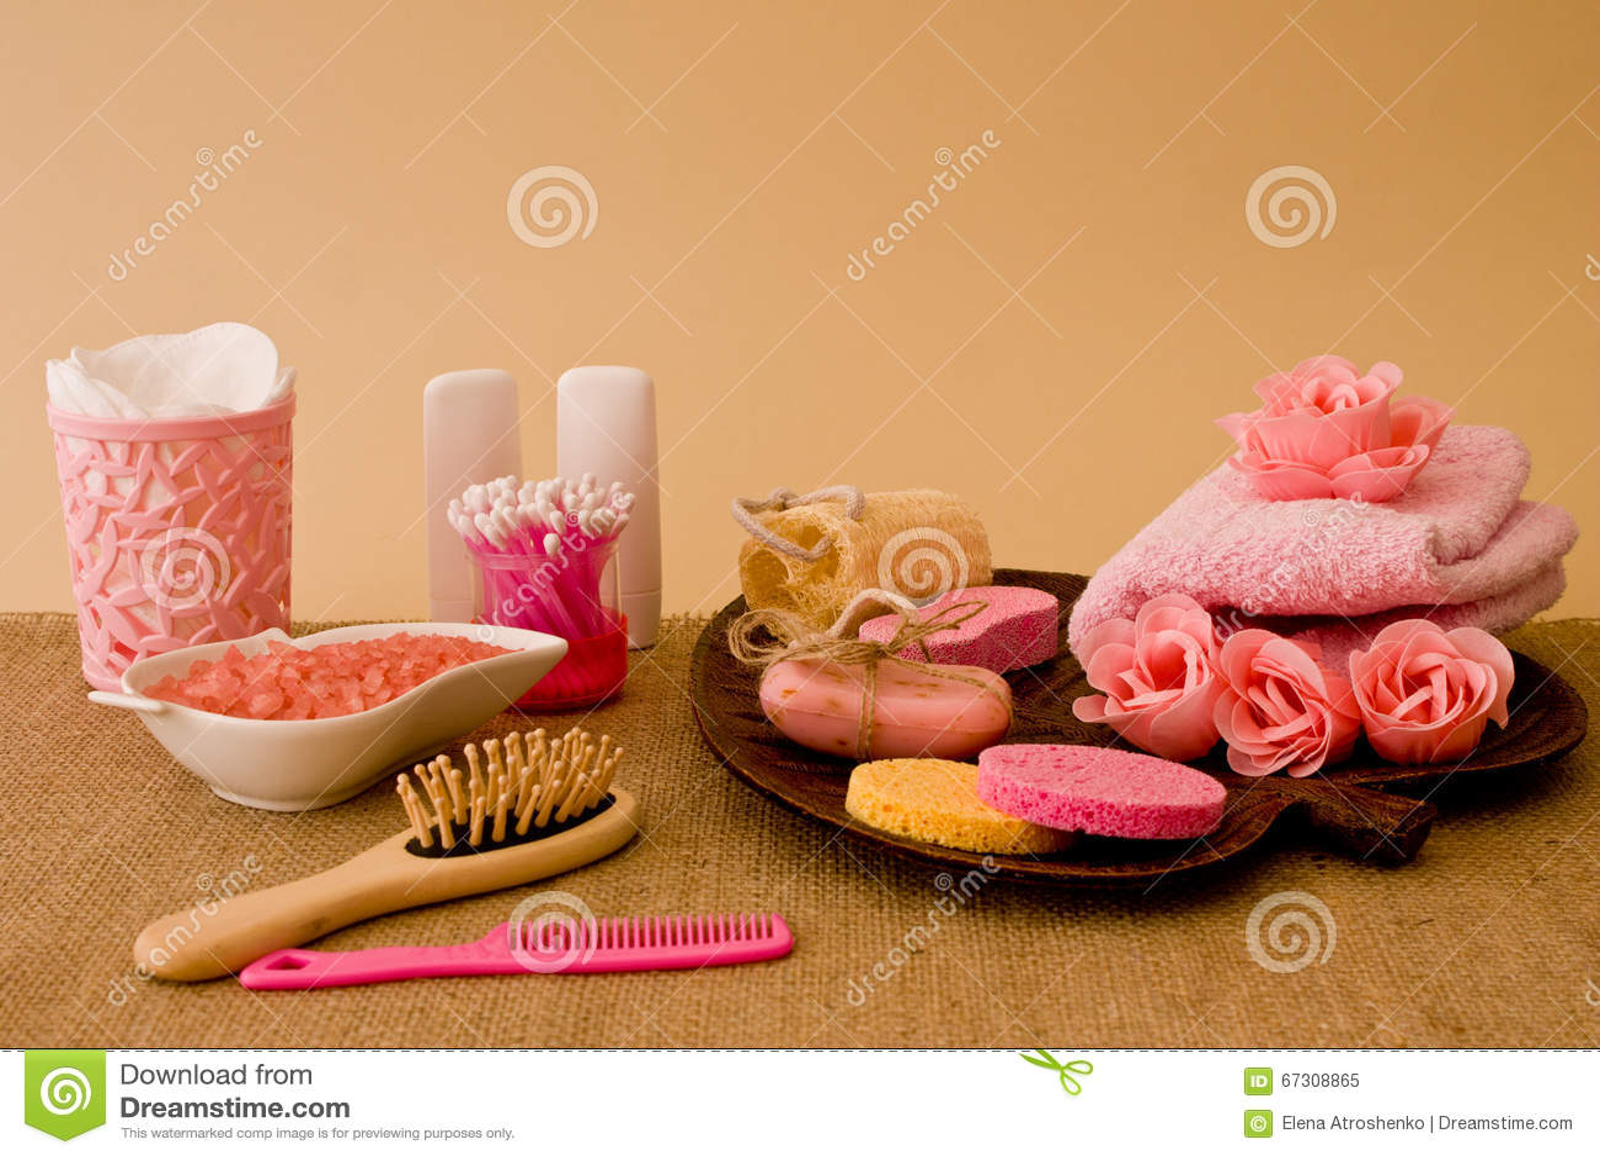 Stillleben Von Werkzeugen Und Von Durchschnitten Für Skincare Und